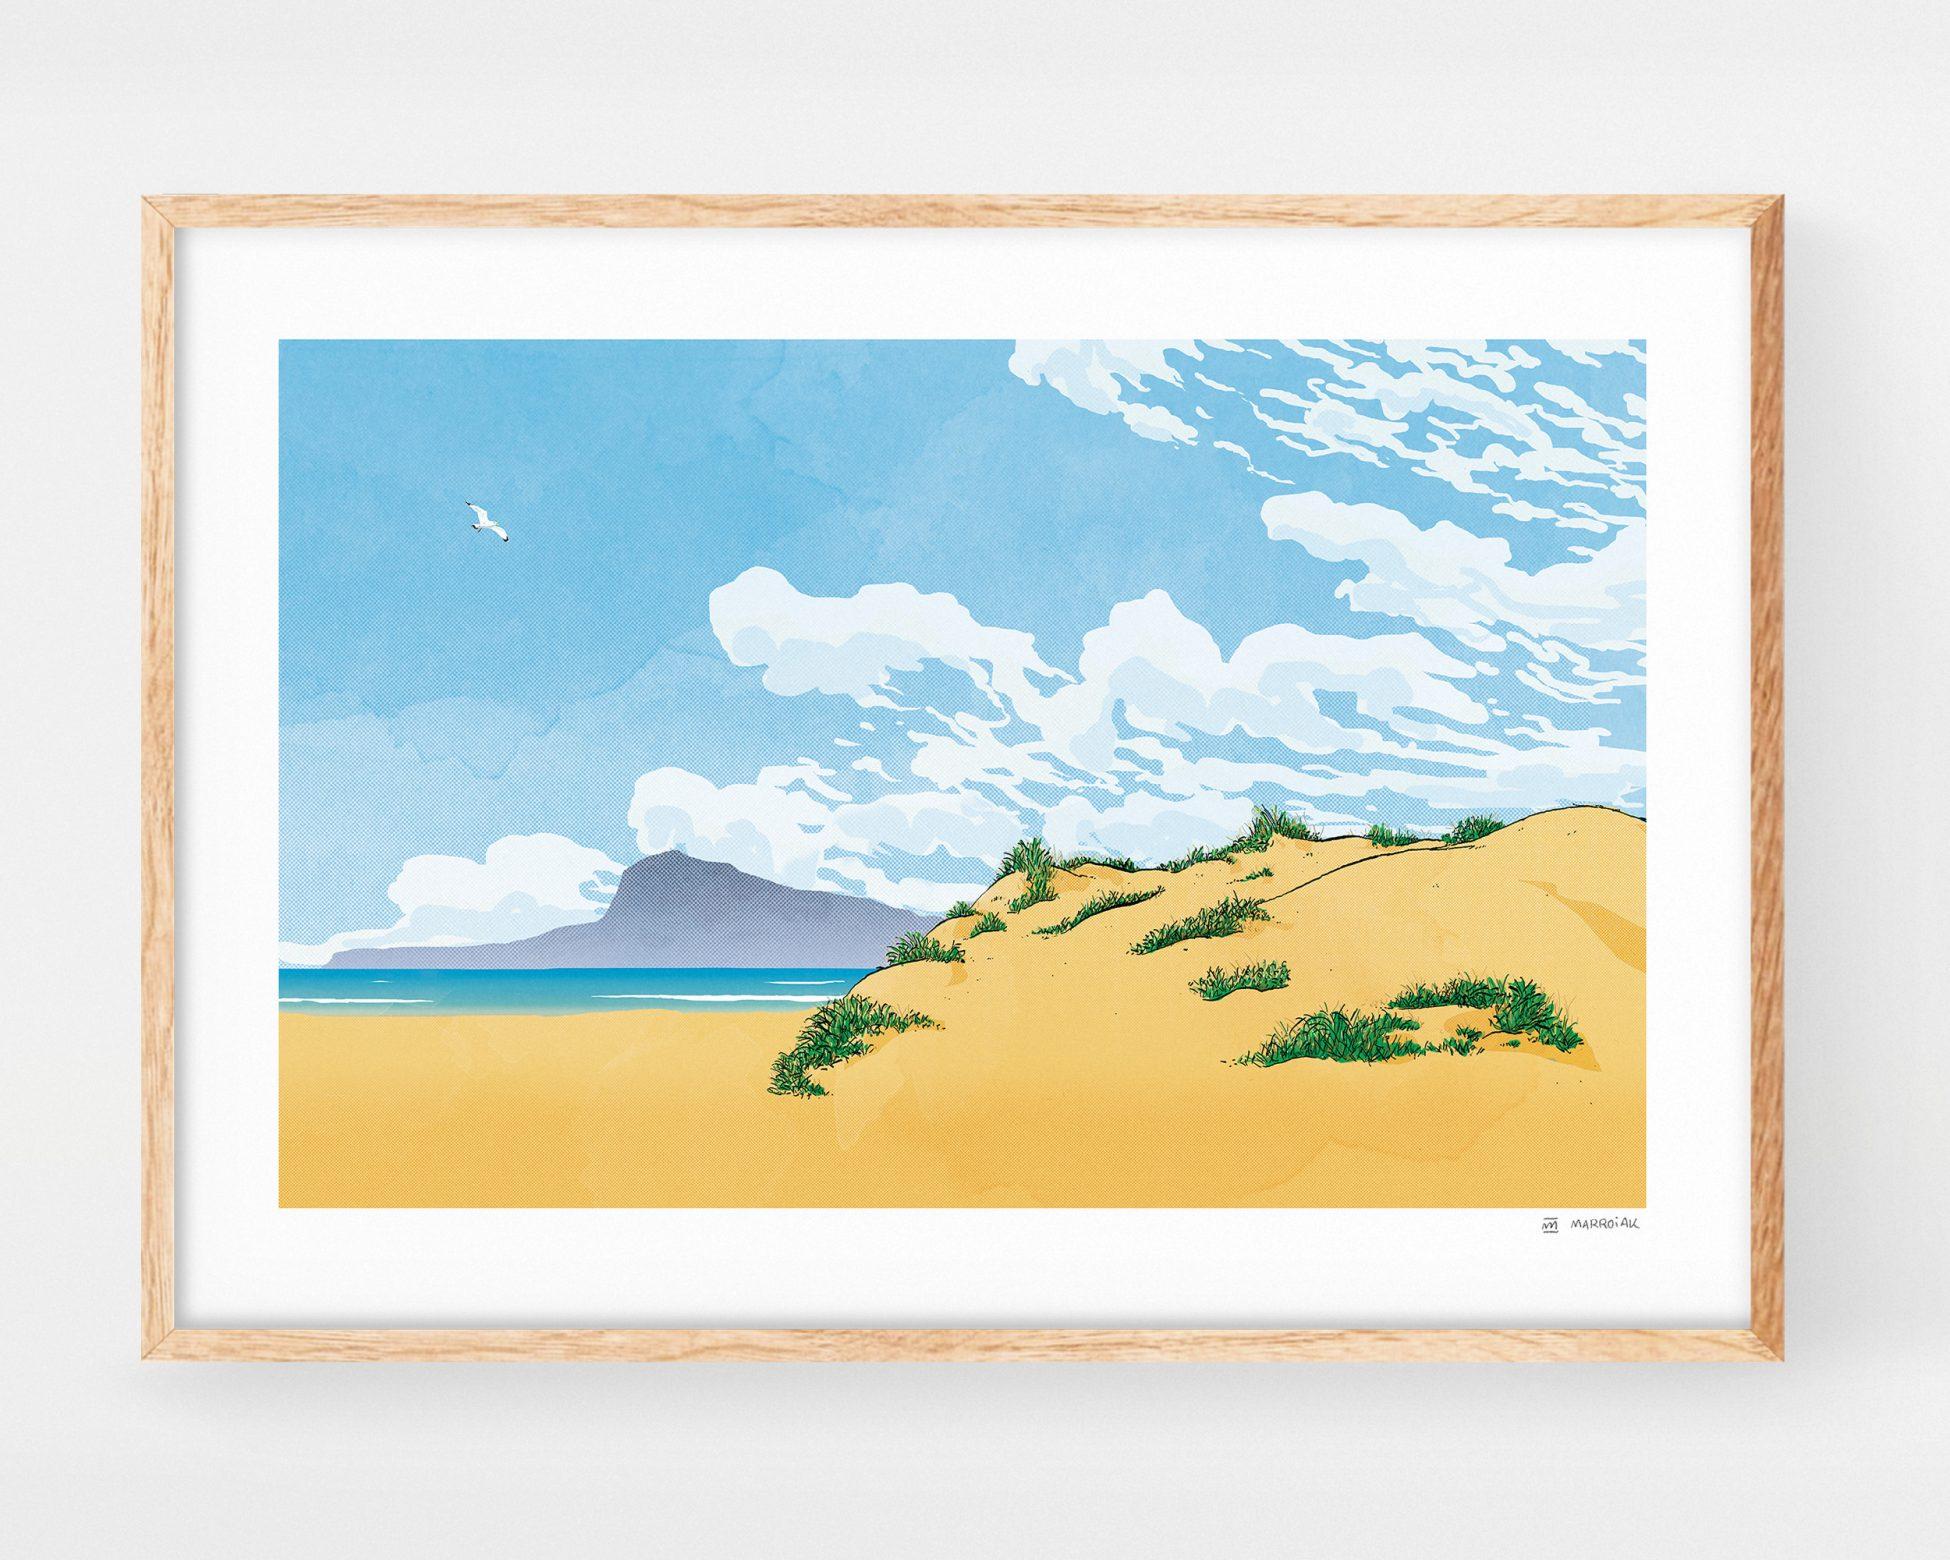 Cuadro para enmarcar con un dibujo de la playa de Oliva y la montaña Montgó de Denia y Jávea. Ilustraciones originales de la safor y Valencia basadas en fotos de paisajes meditarráneos.